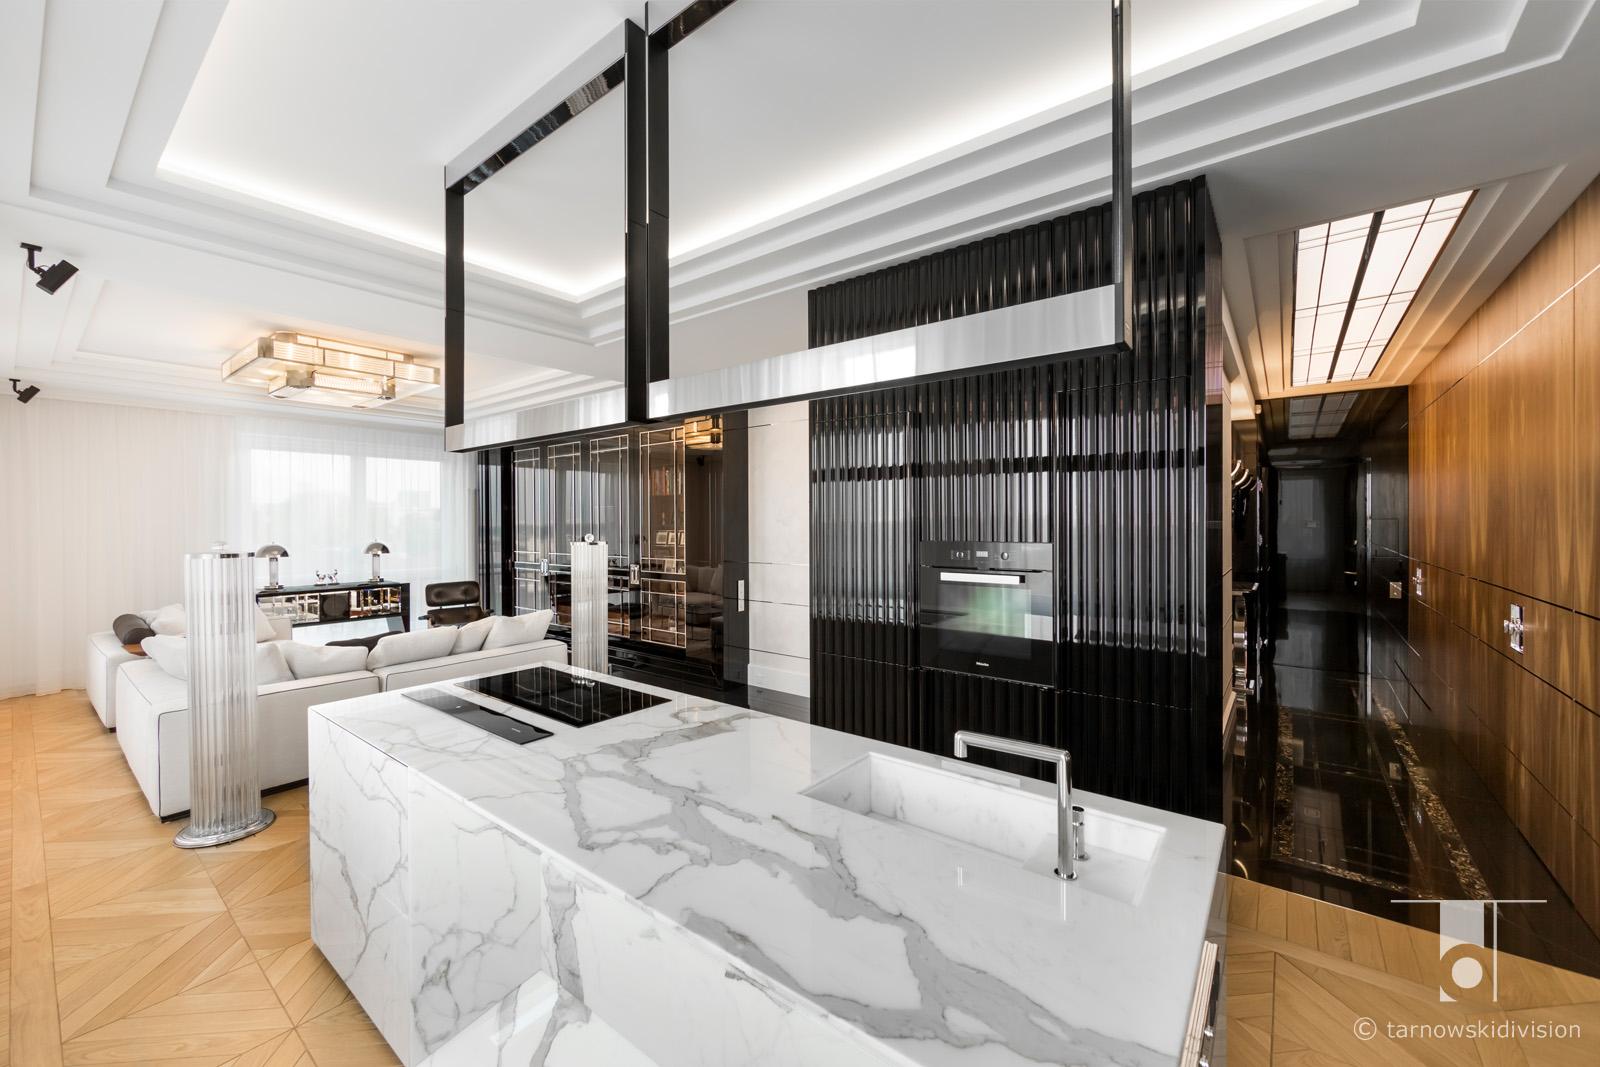 ekskluzywna kamienna wyspa kuchenna z kamienia z marmuru aranżacja kuchni wyspy luxury kitchen island design_tarnowski division